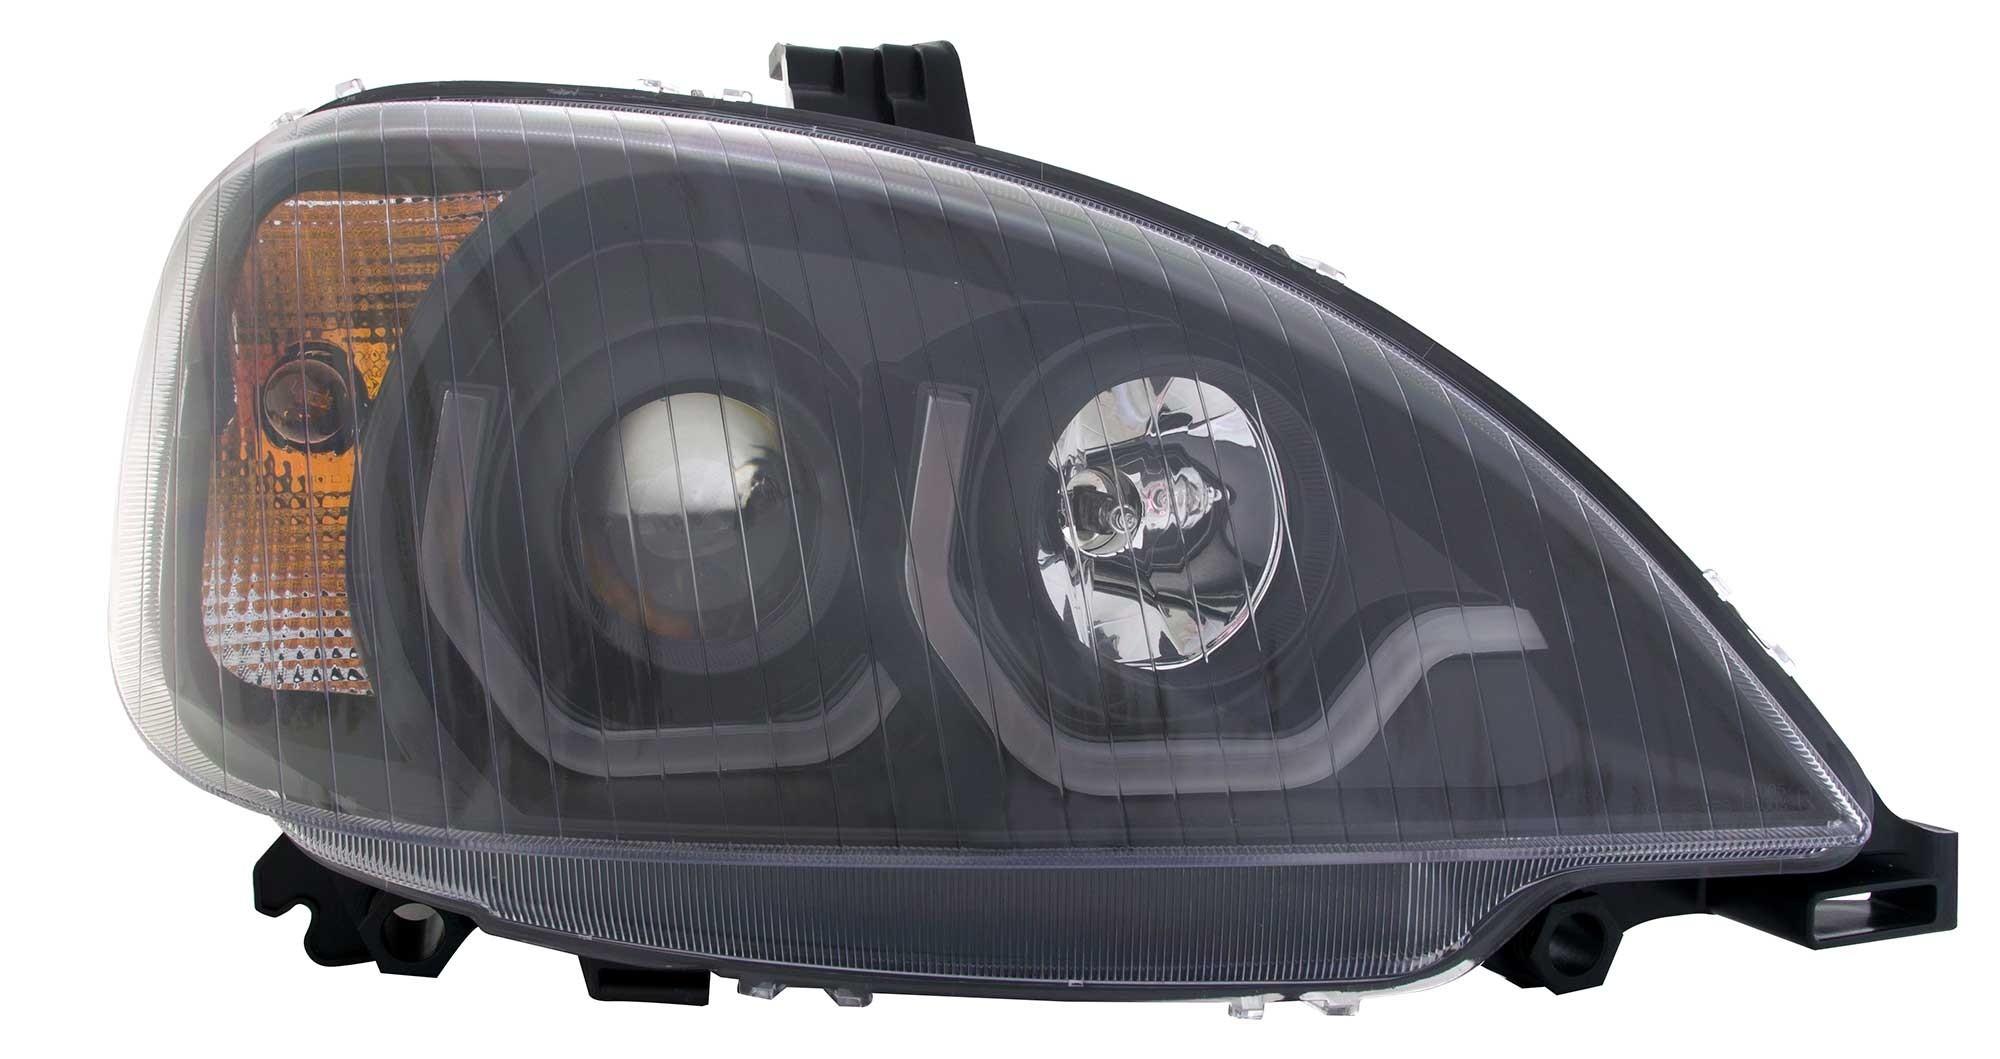 Freightliner Columbia LED Light Bar Headlight Passenger Side View.